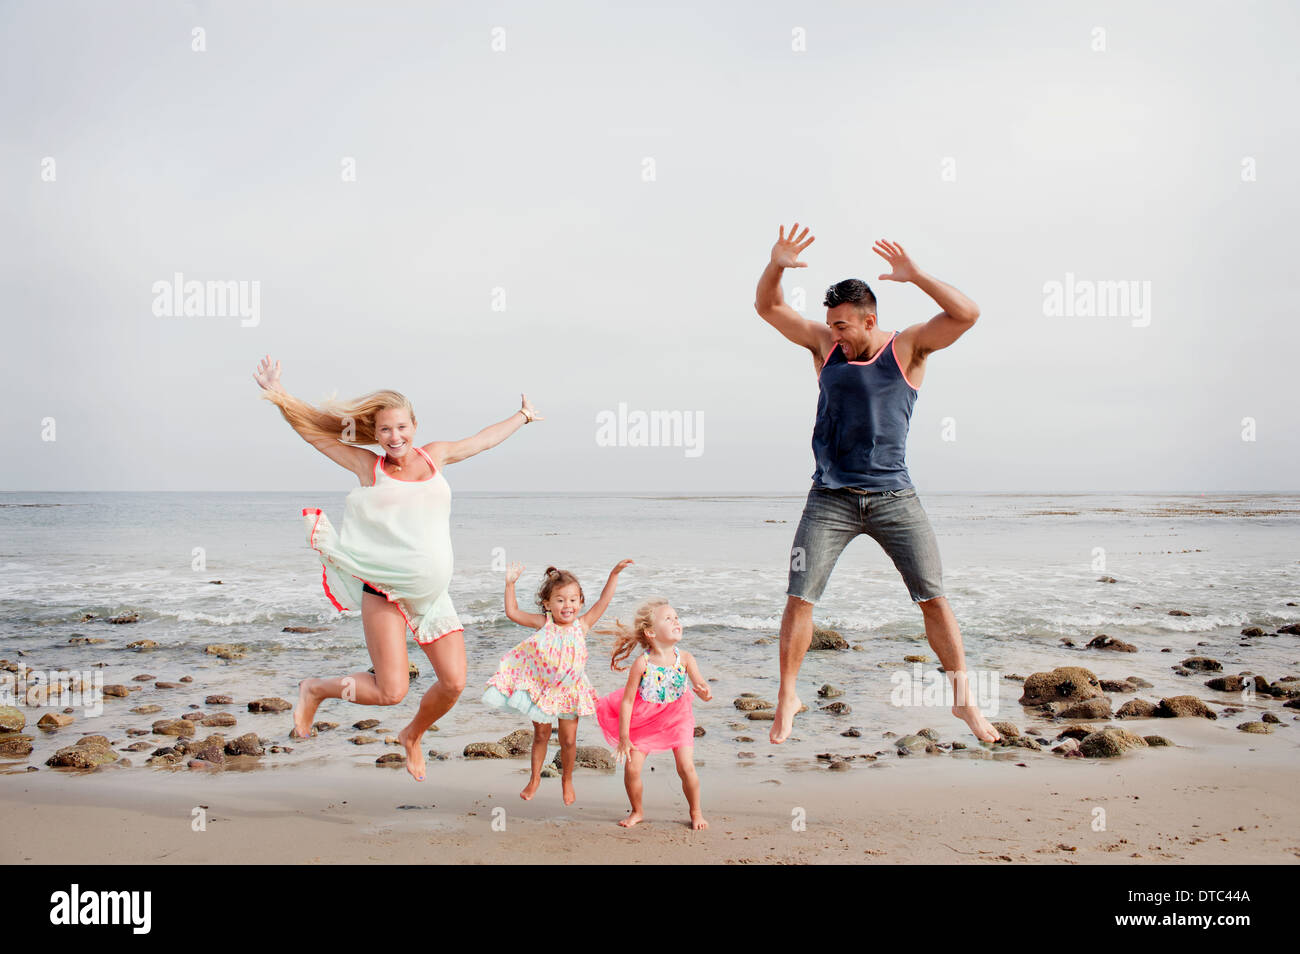 Eltern und zwei junge Mädchen springen Luft am Strand Stockbild